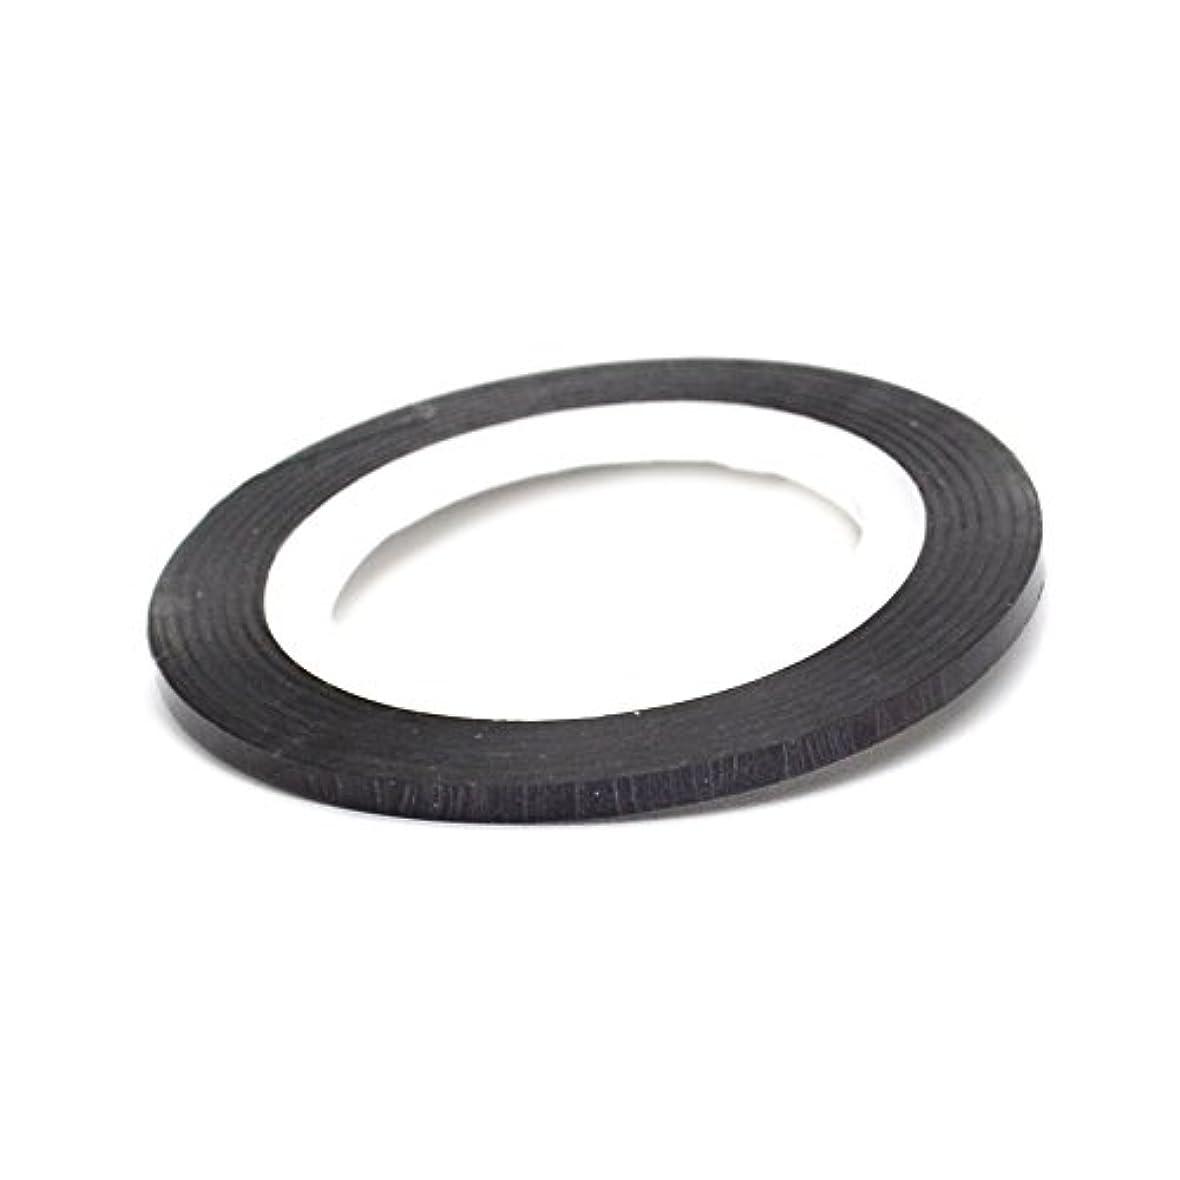 責任者乱暴な戻るネイル ラインテープ【ブラック】0.8mm ストライピングテープ